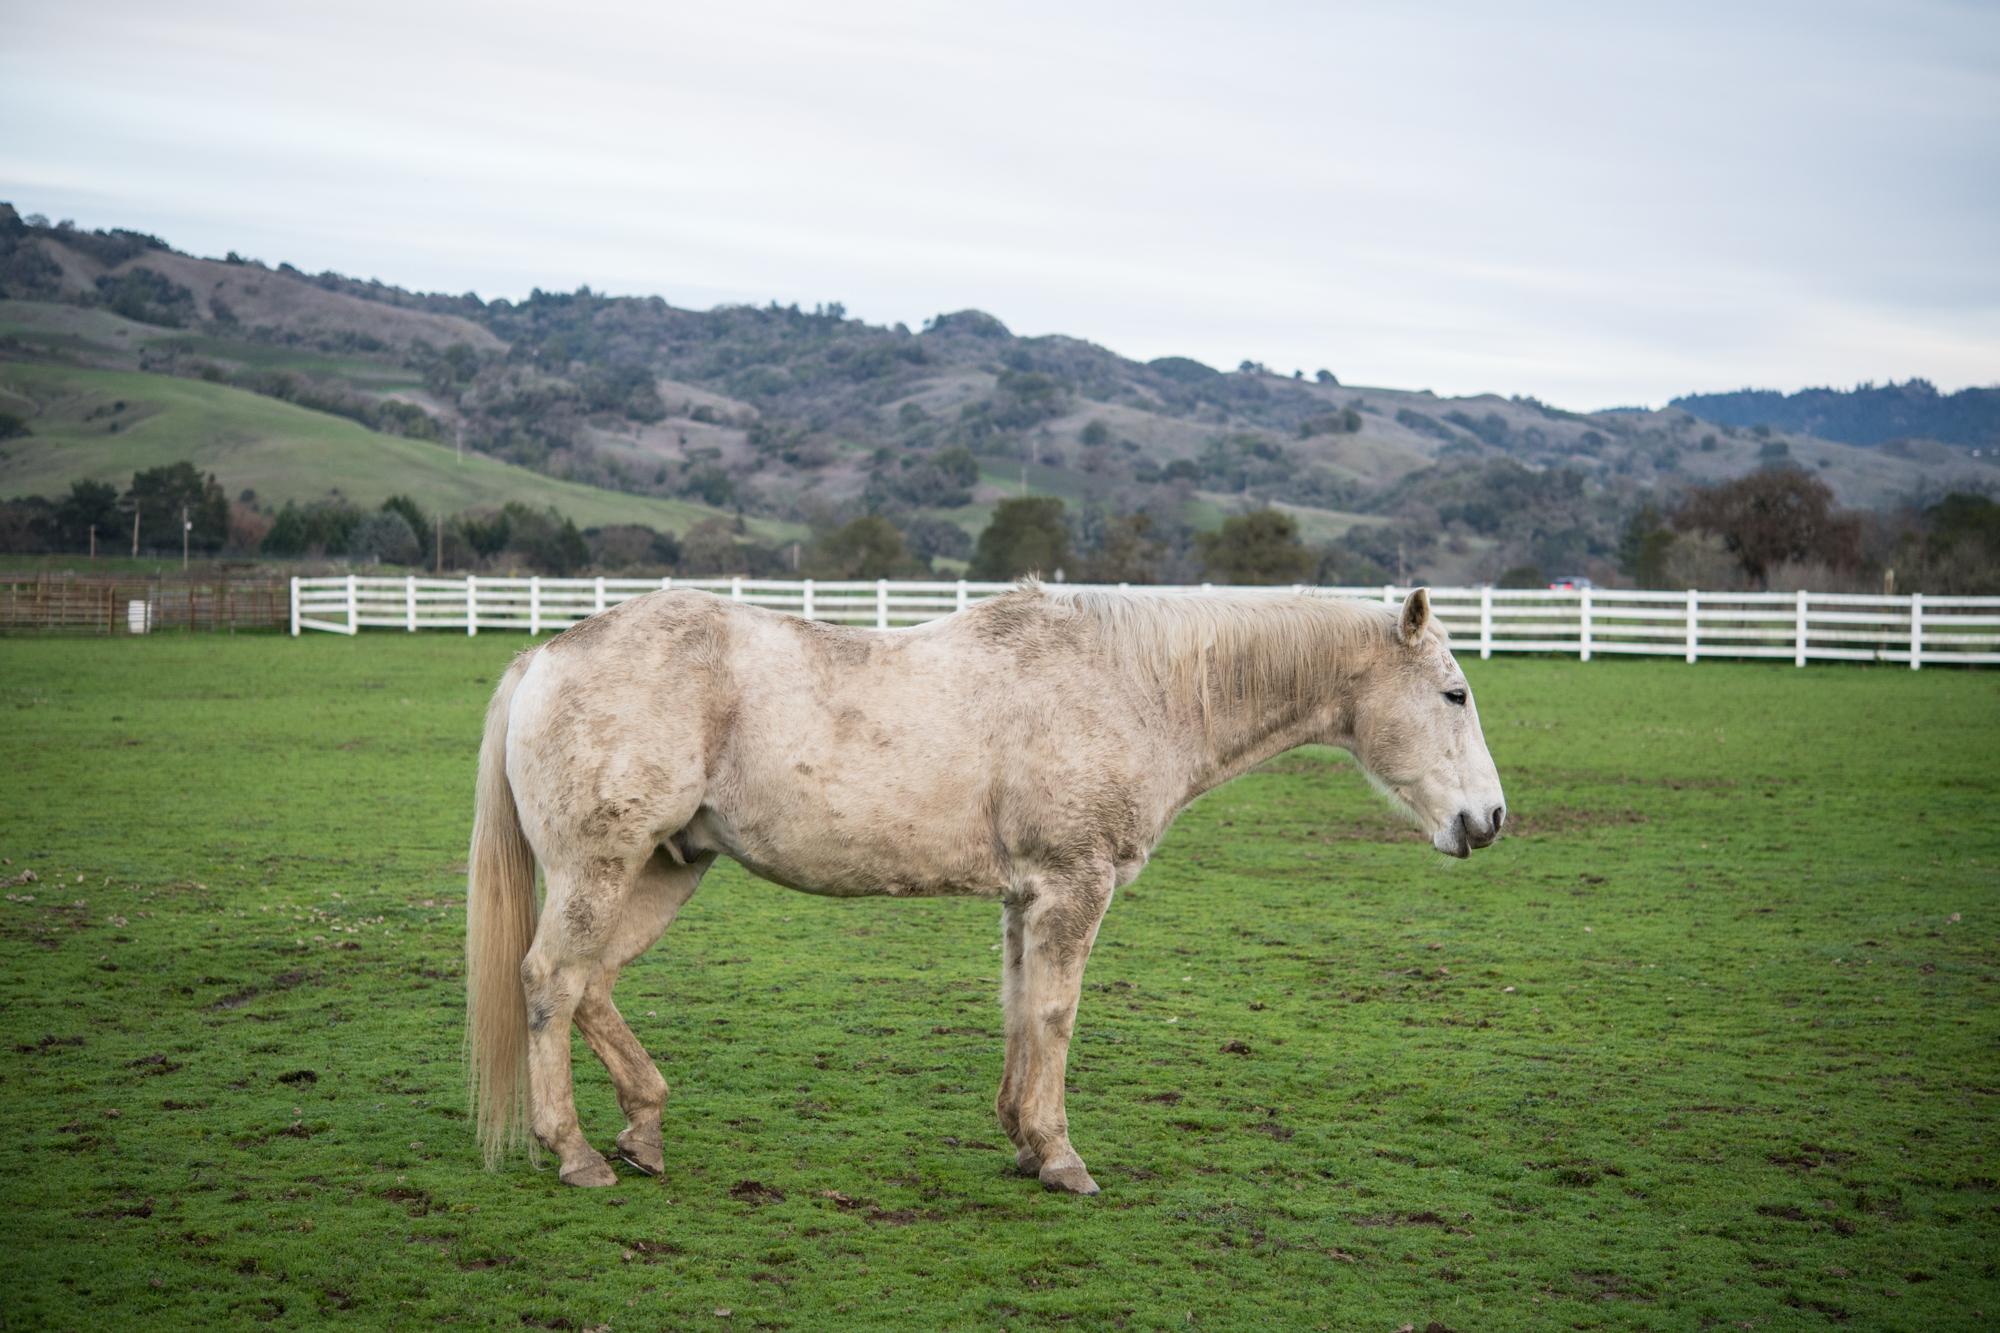 Dirty farm horse